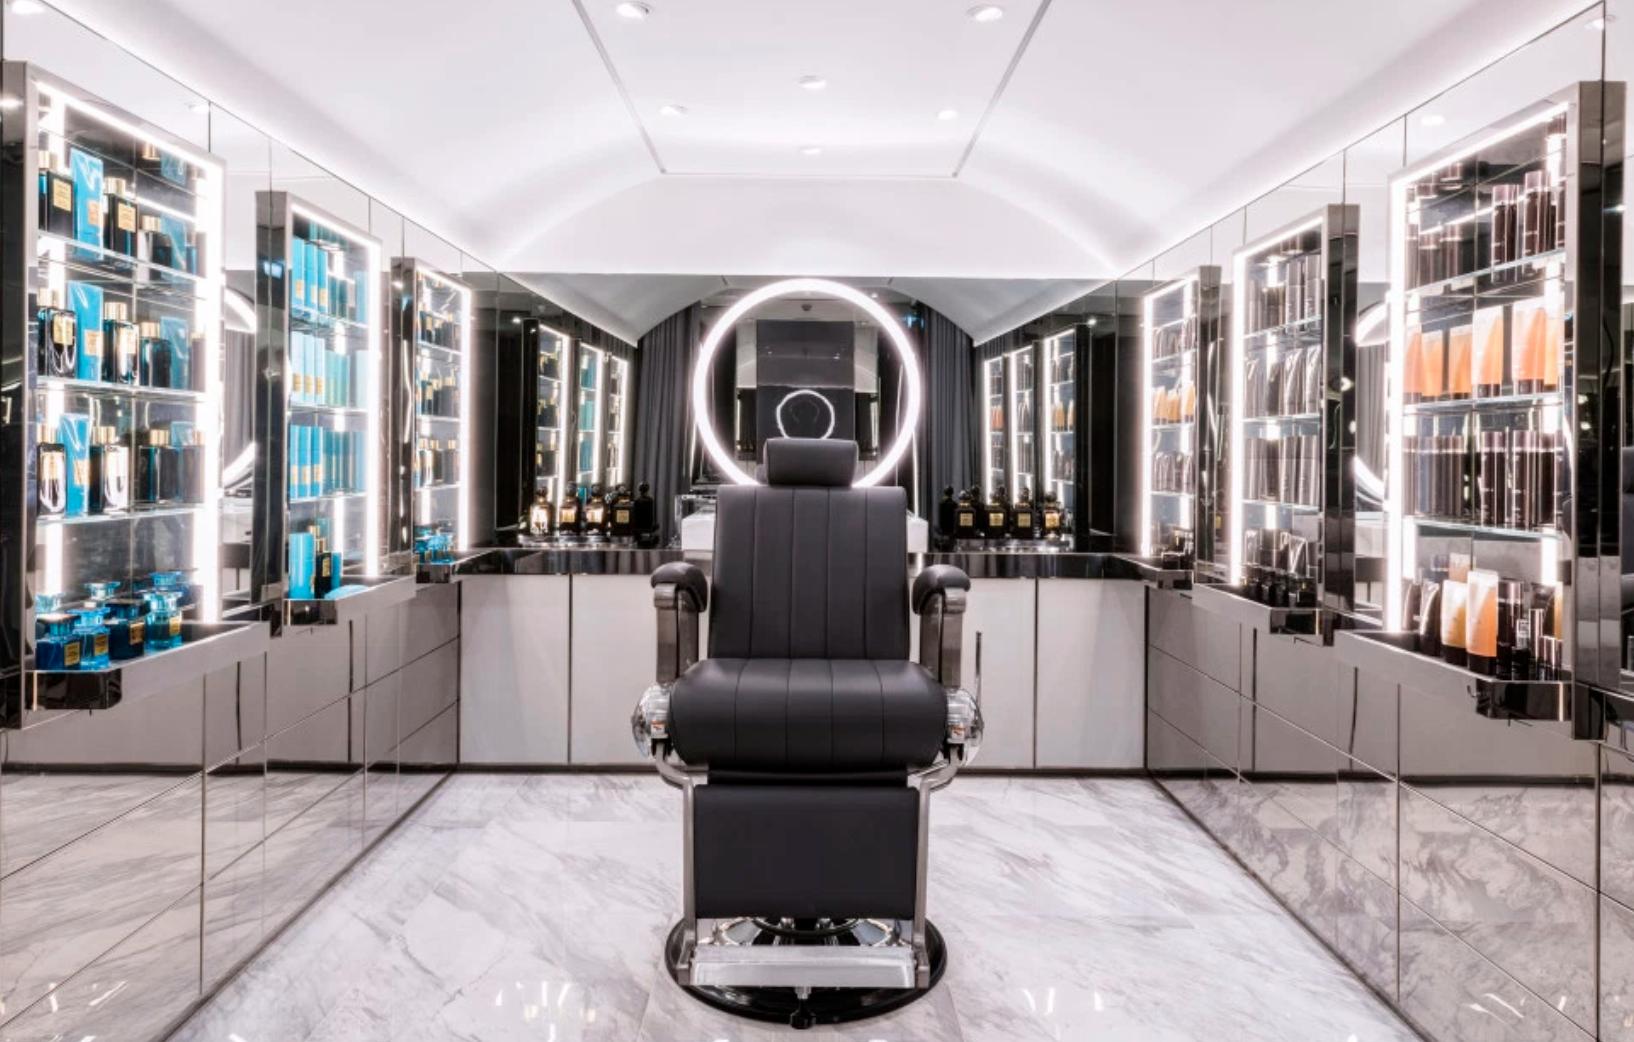 2effa9dc8c La arquitectura de la boutique ha llamado la atención de muchas personas y  más aun sabiendo que se especializa en puros productos de belleza y  cosmética de ...